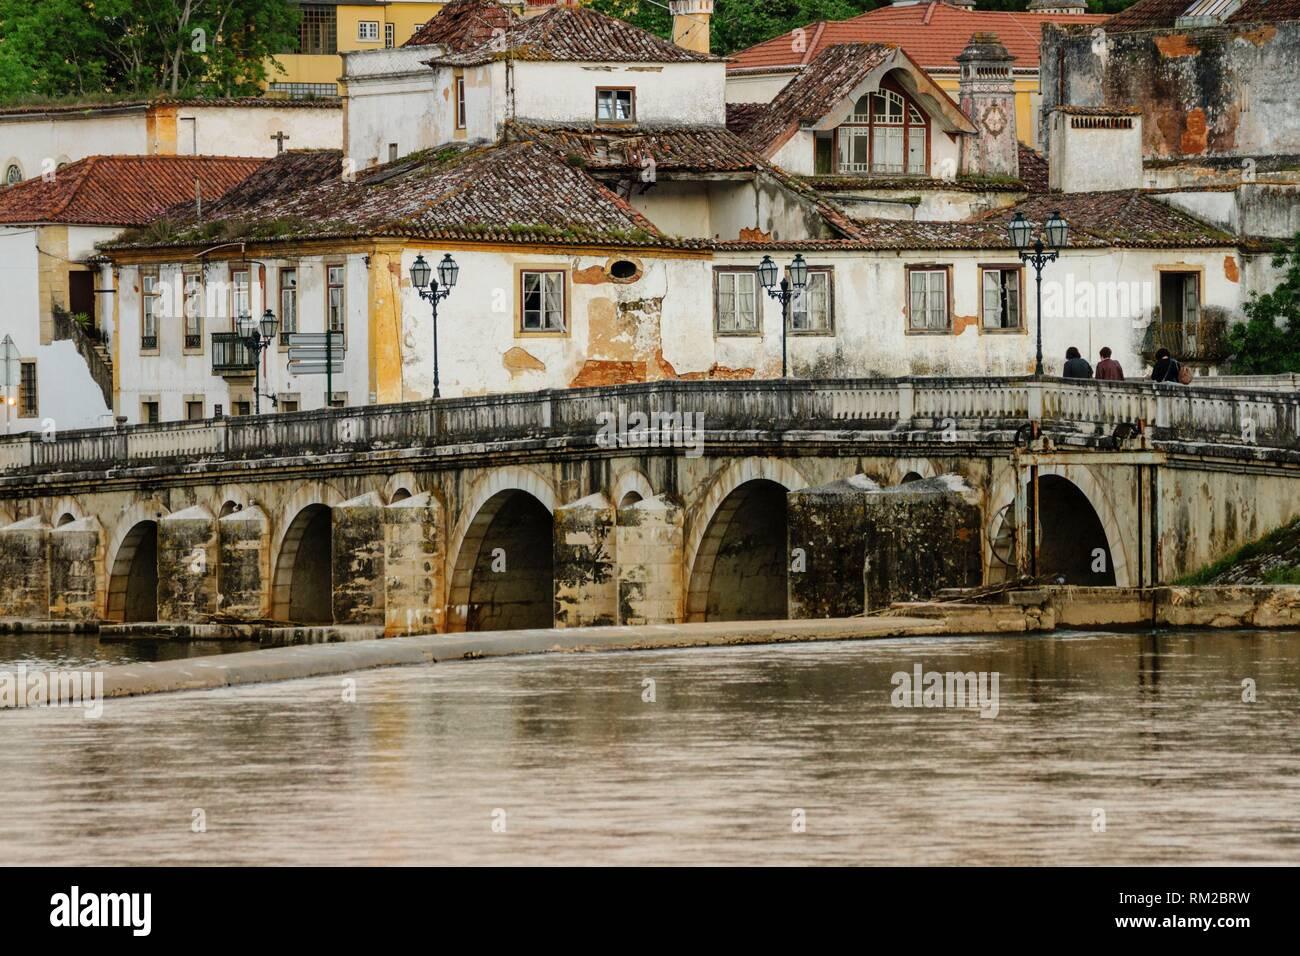 Roman bridge over the Nabao river, Tomar, distrito de Santarem, Medio Tejo, region centro, Portugal - Stock Image